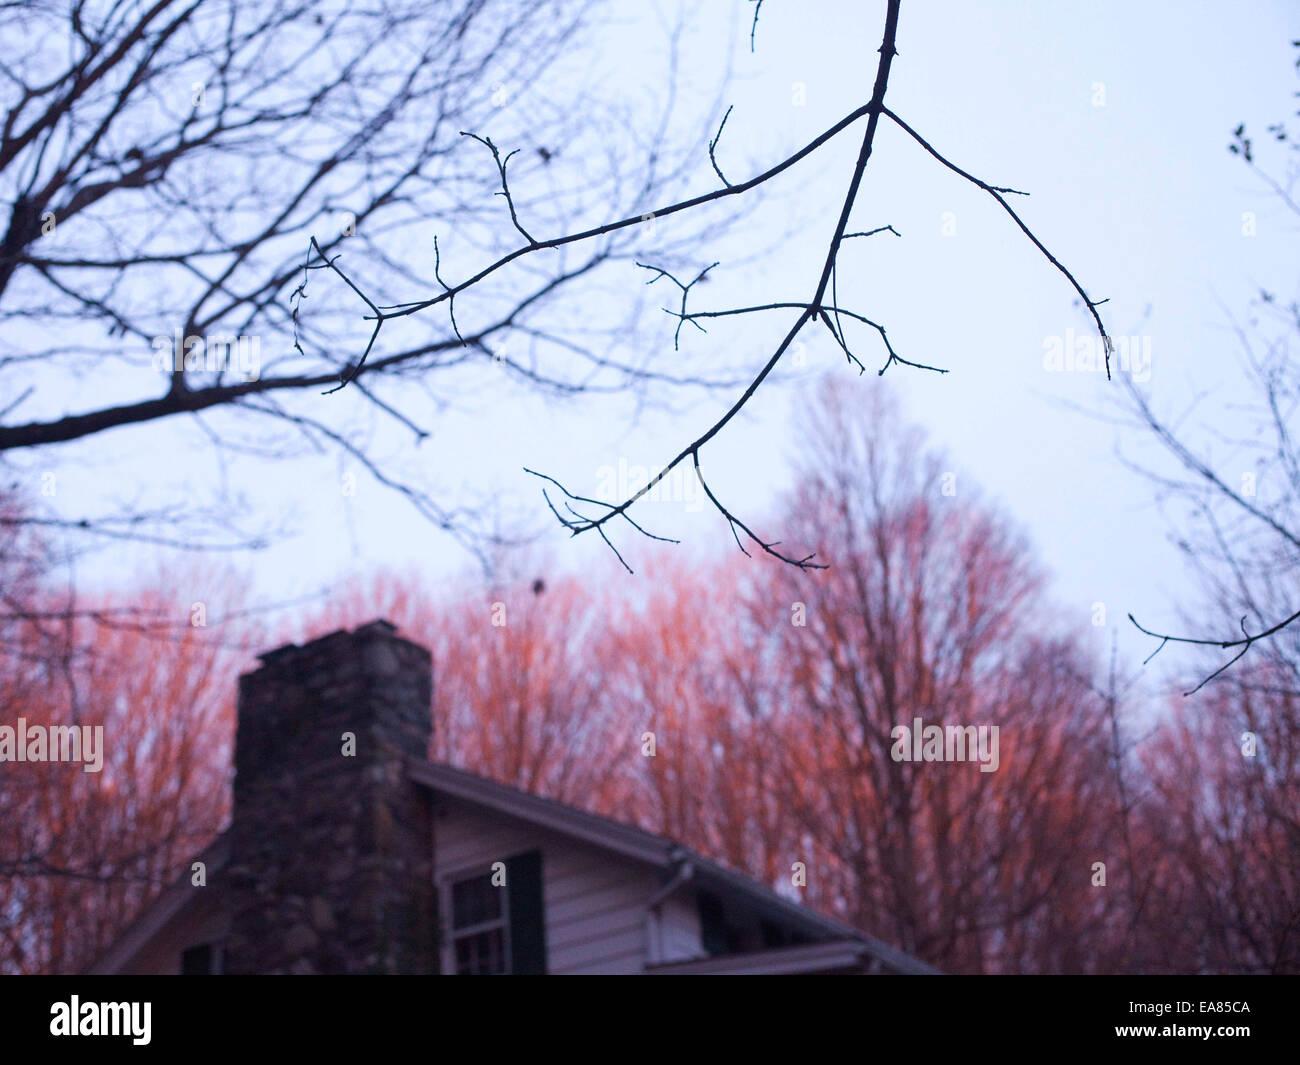 Detail der Niederlassung und Spitze des Hauses im Winter Sonnenuntergang Stockbild